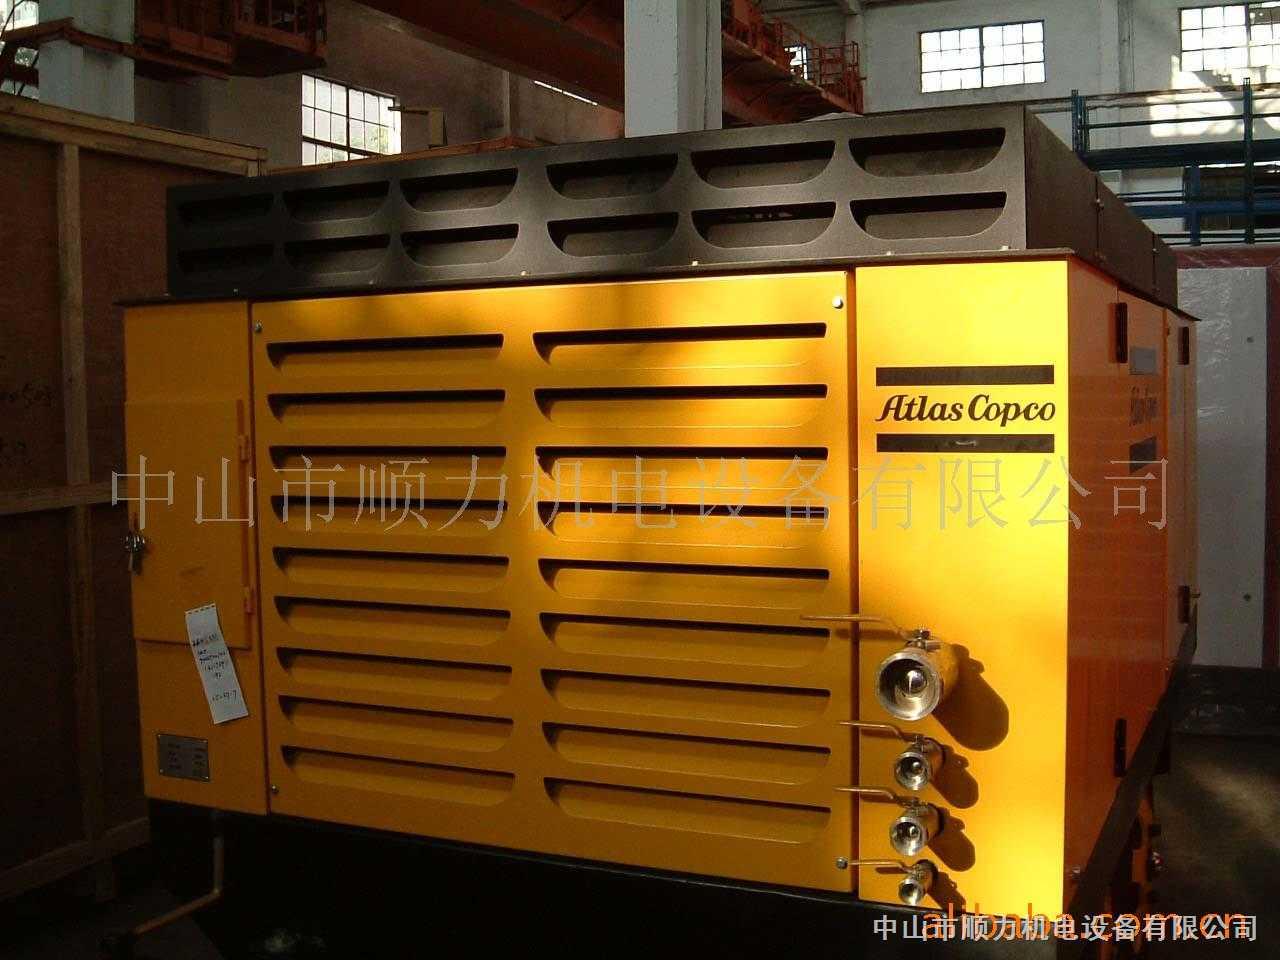 供应阿特拉斯空压机-AtlasCopco压缩机